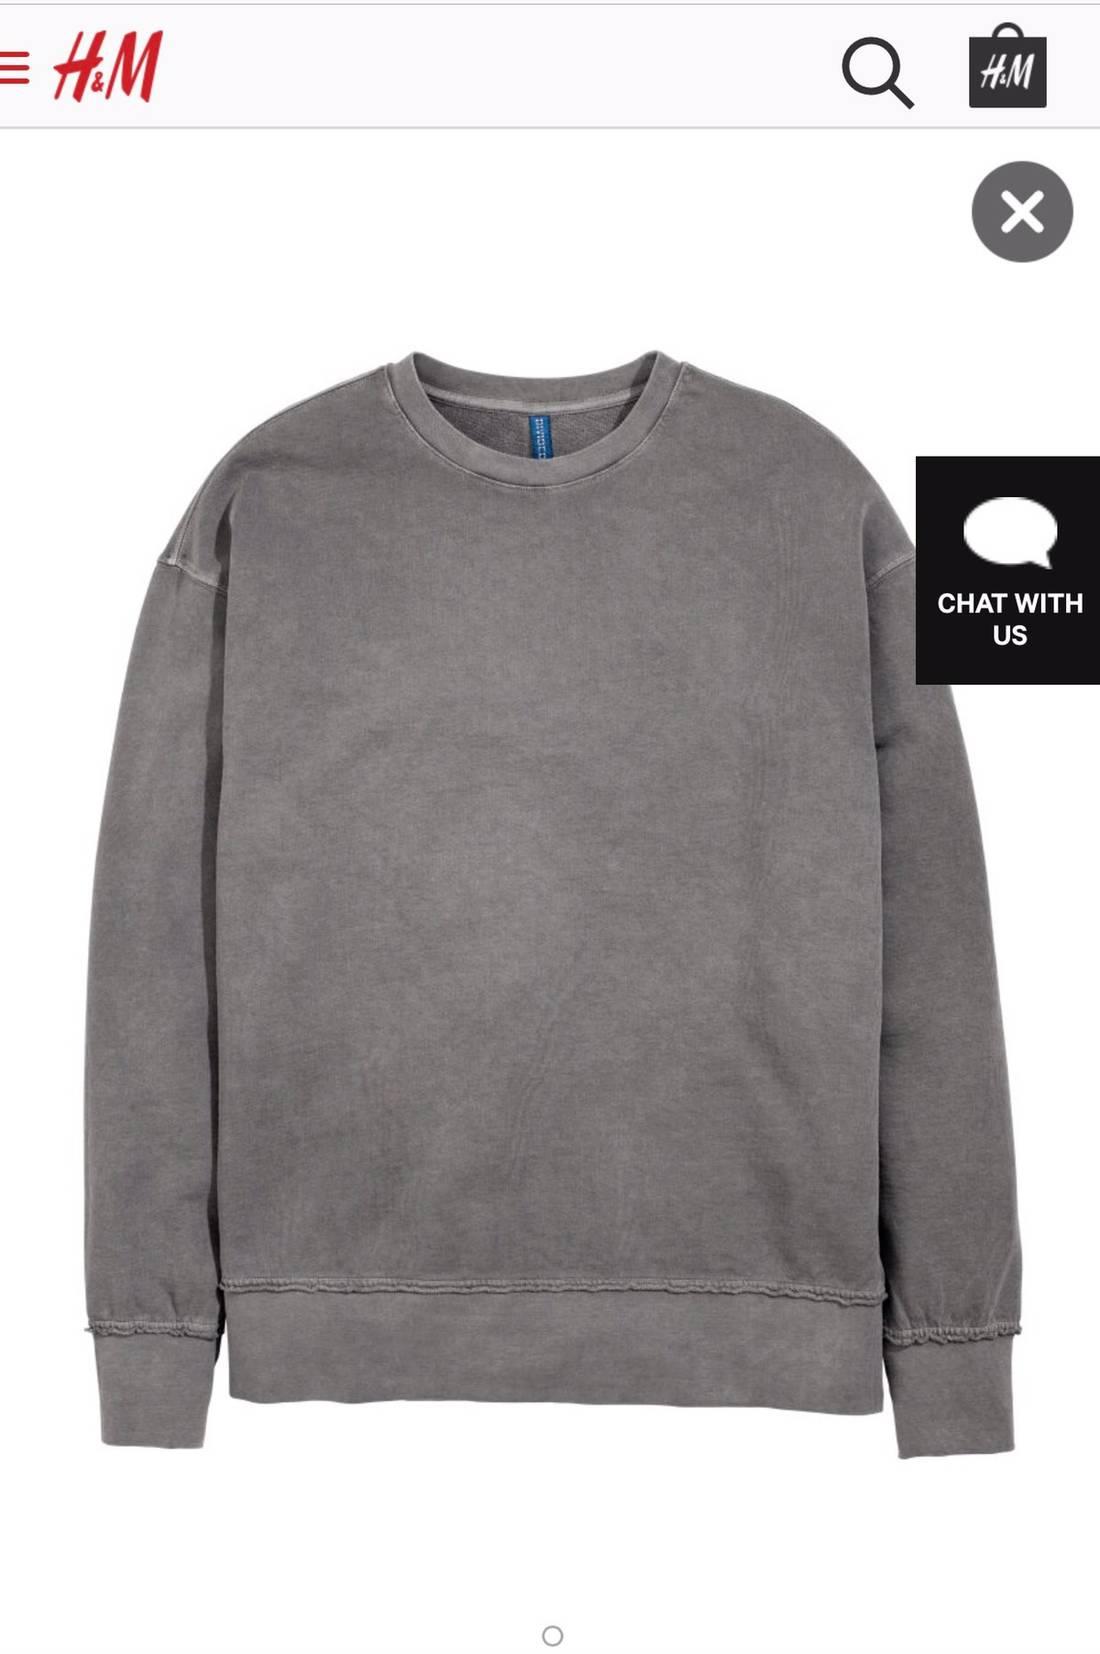 h m h m oversized dark grey sweatshirt size m sweatshirts